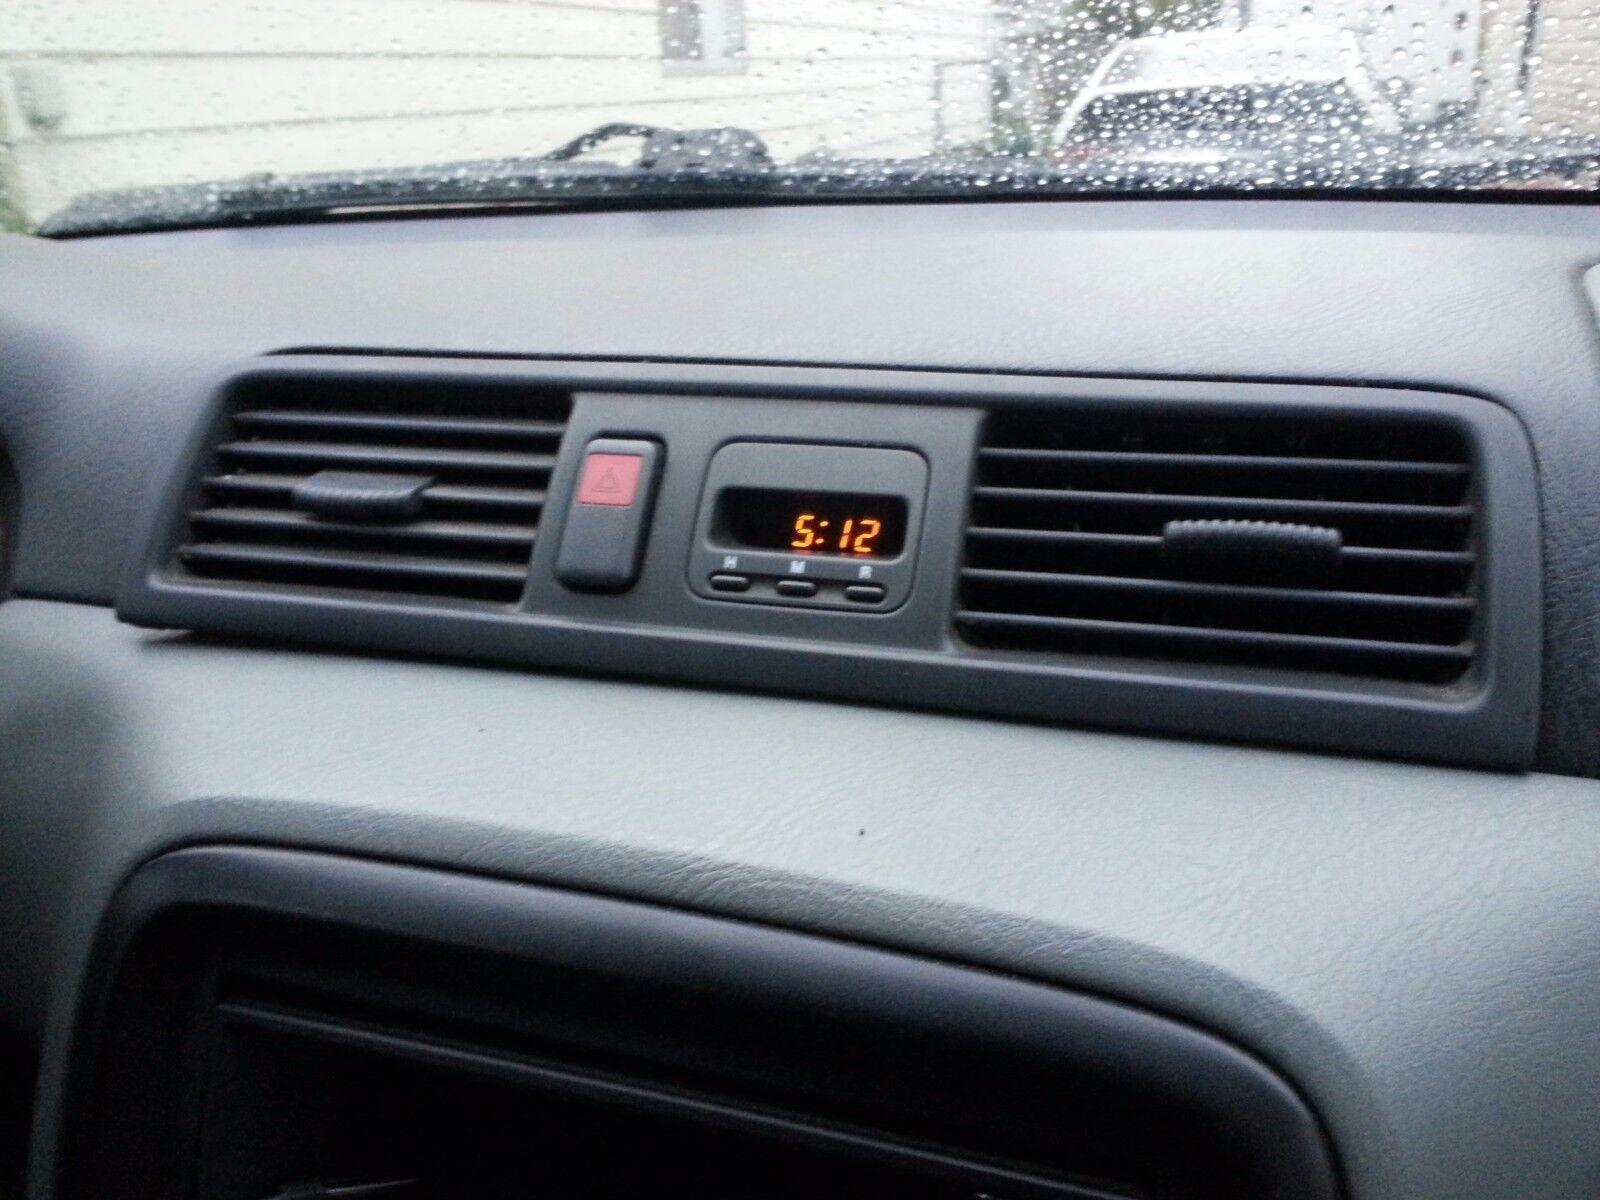 Used Honda Cr V Clocks For Sale 2001 Crv Parts Oem 1997 Rebuild Dash Clock 1998 1999 2000